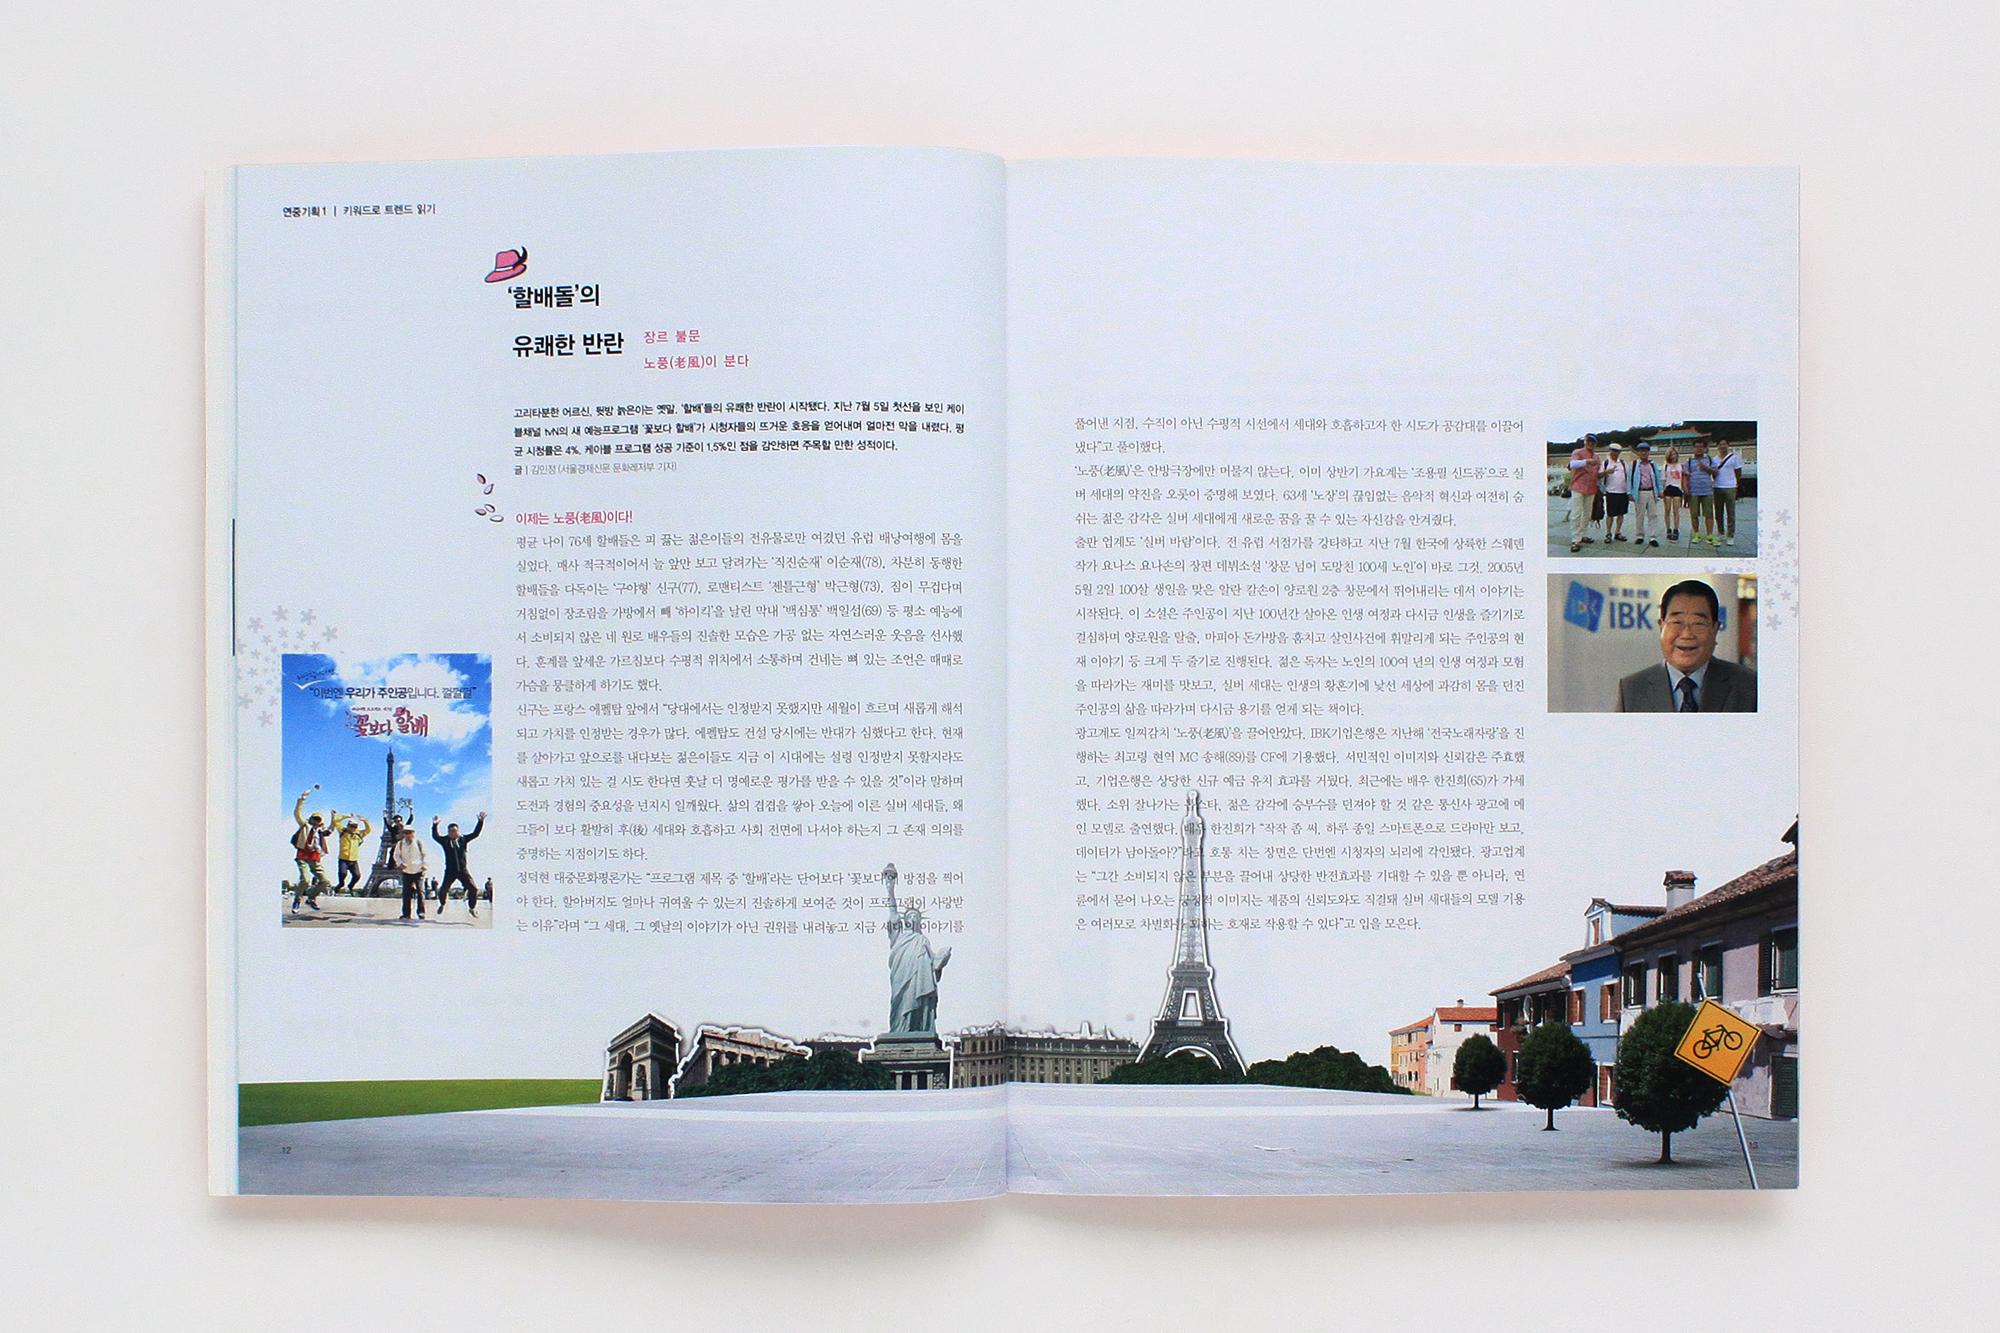 2013-징검다리 (6)